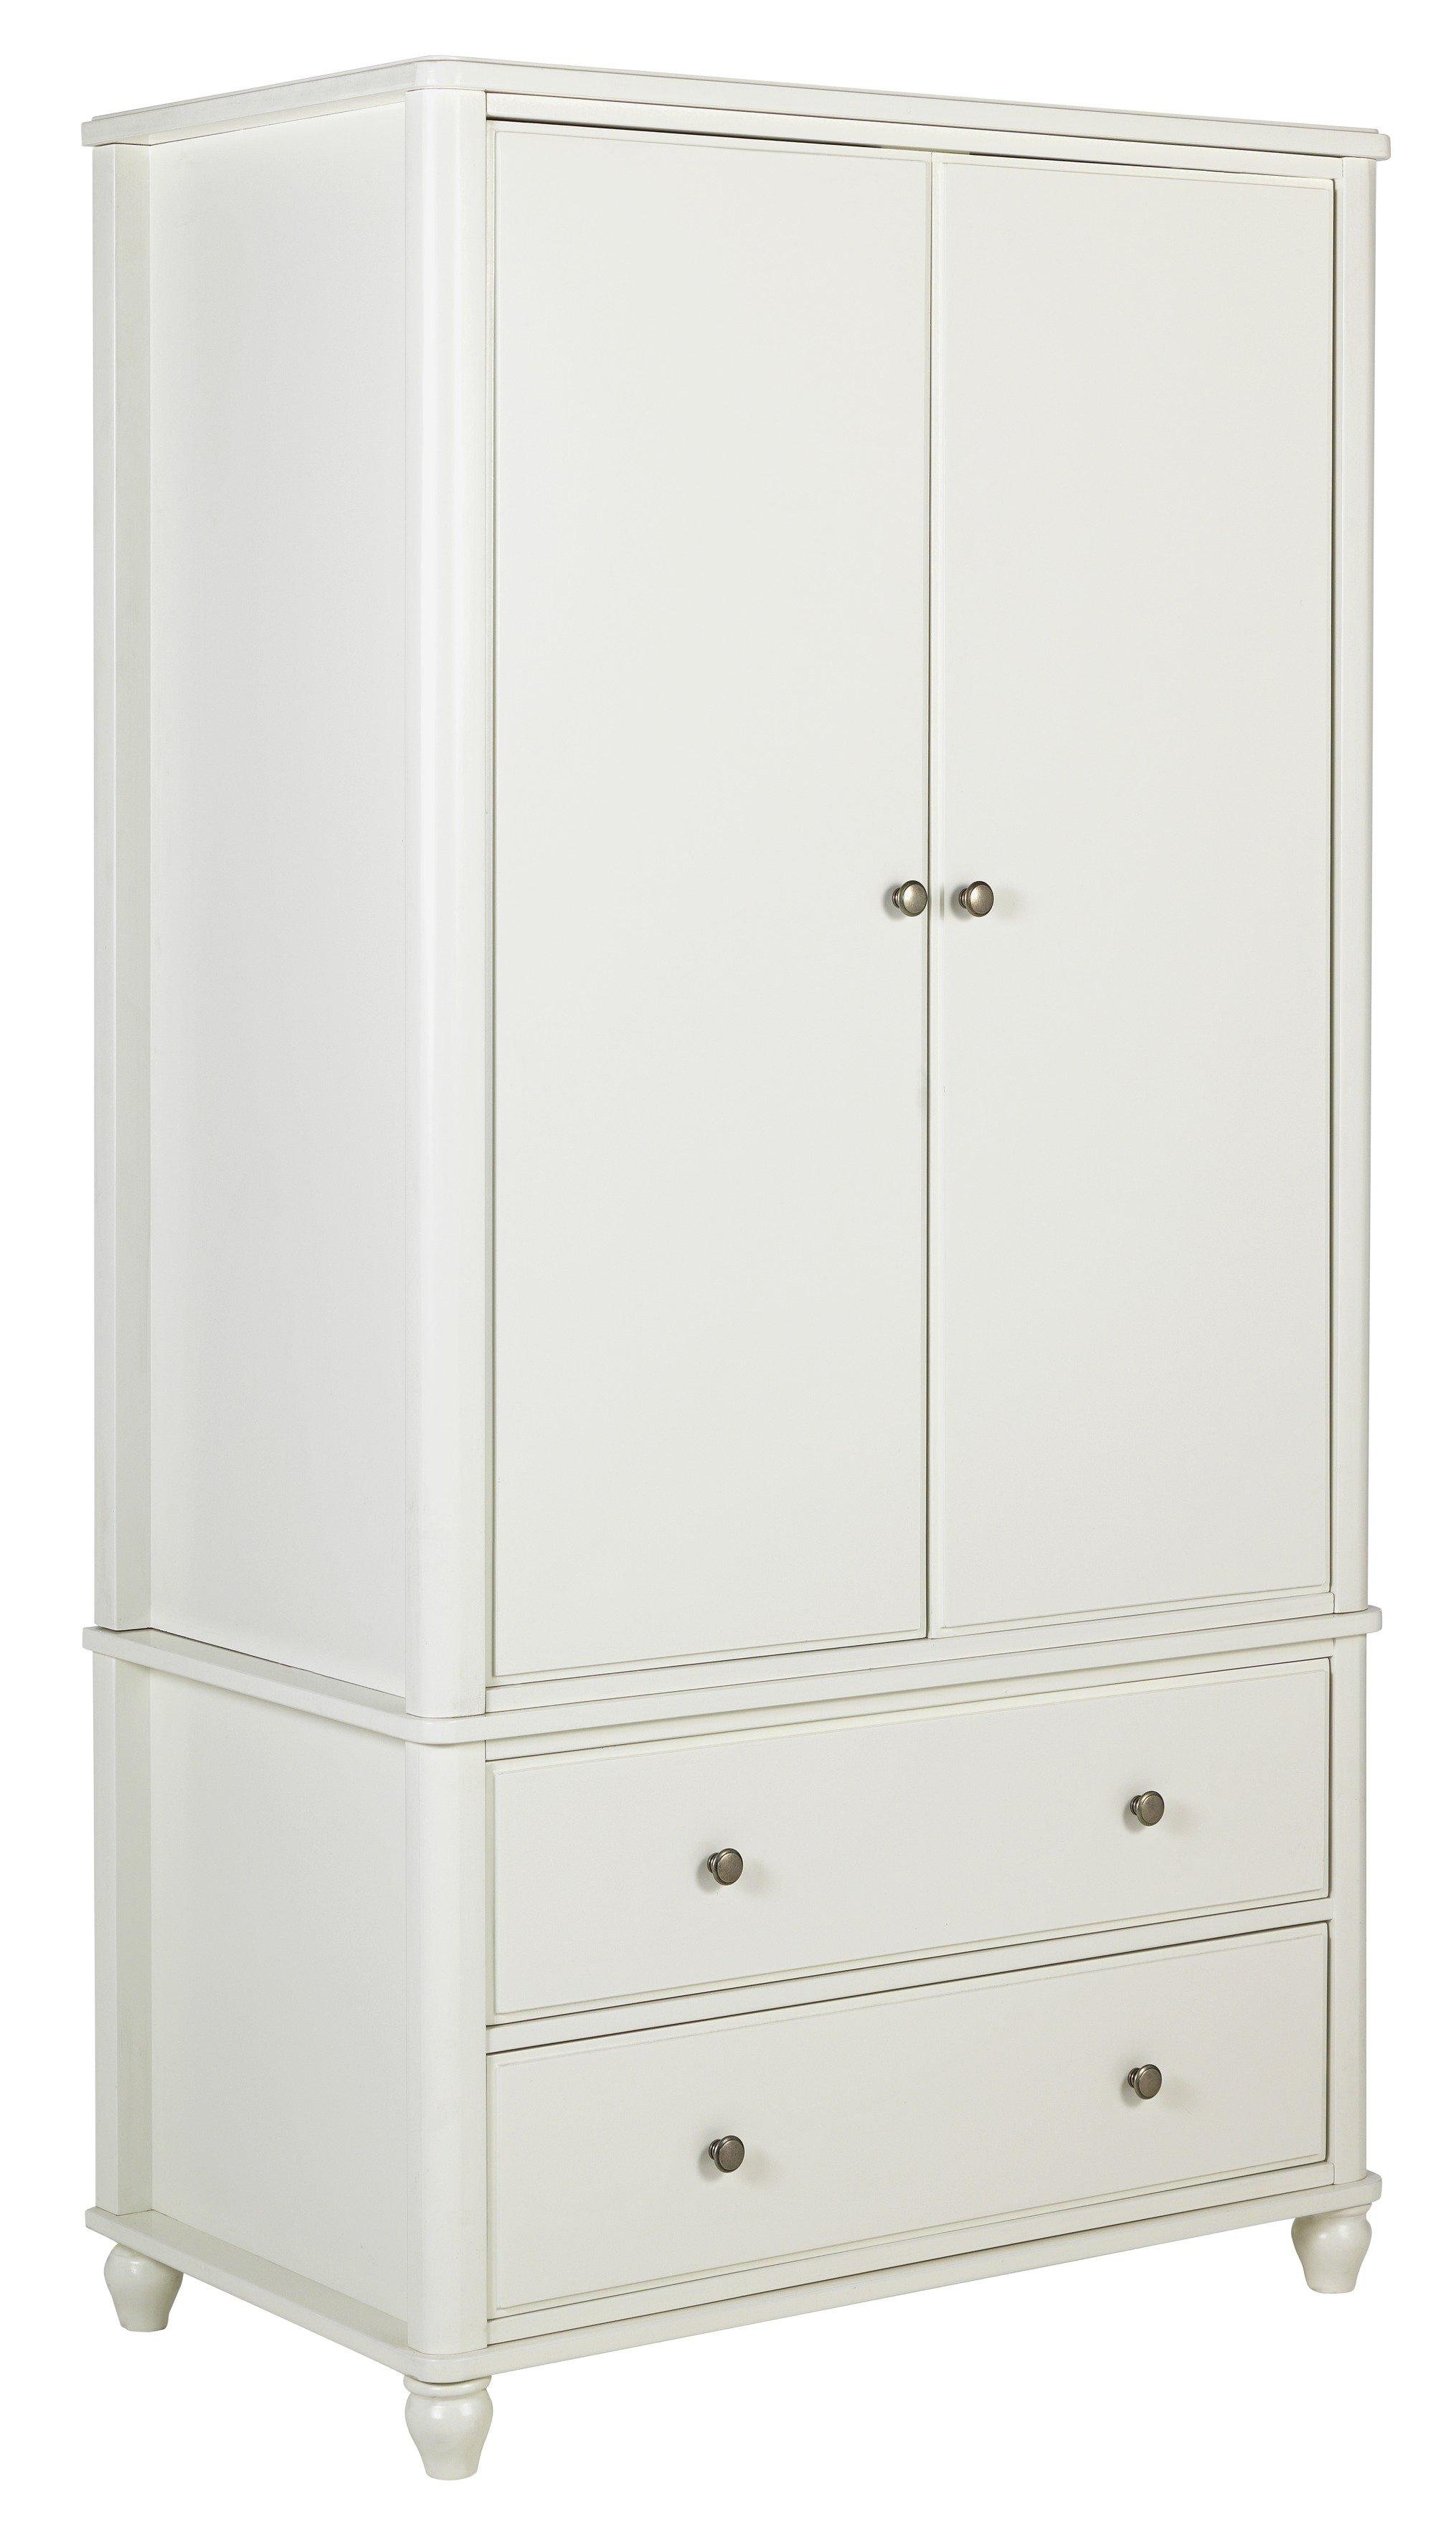 Argos Home Ashbourne 2 Door 2 Drawer Wardrobe   Ivory